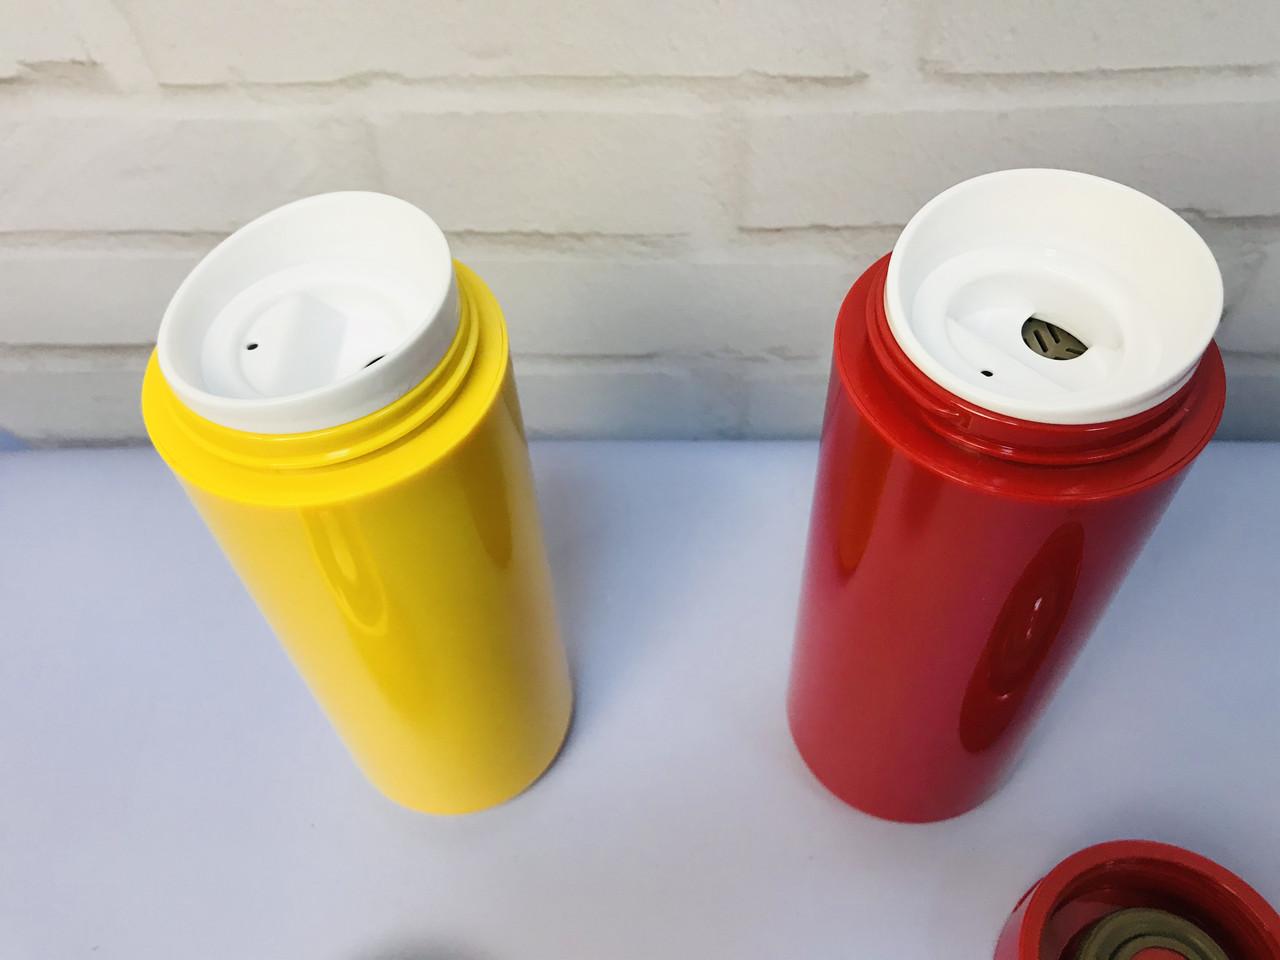 Компактный Антигравитационный Мини-термос 400 мл Never spill over. Лучшая Цена! - фото 5